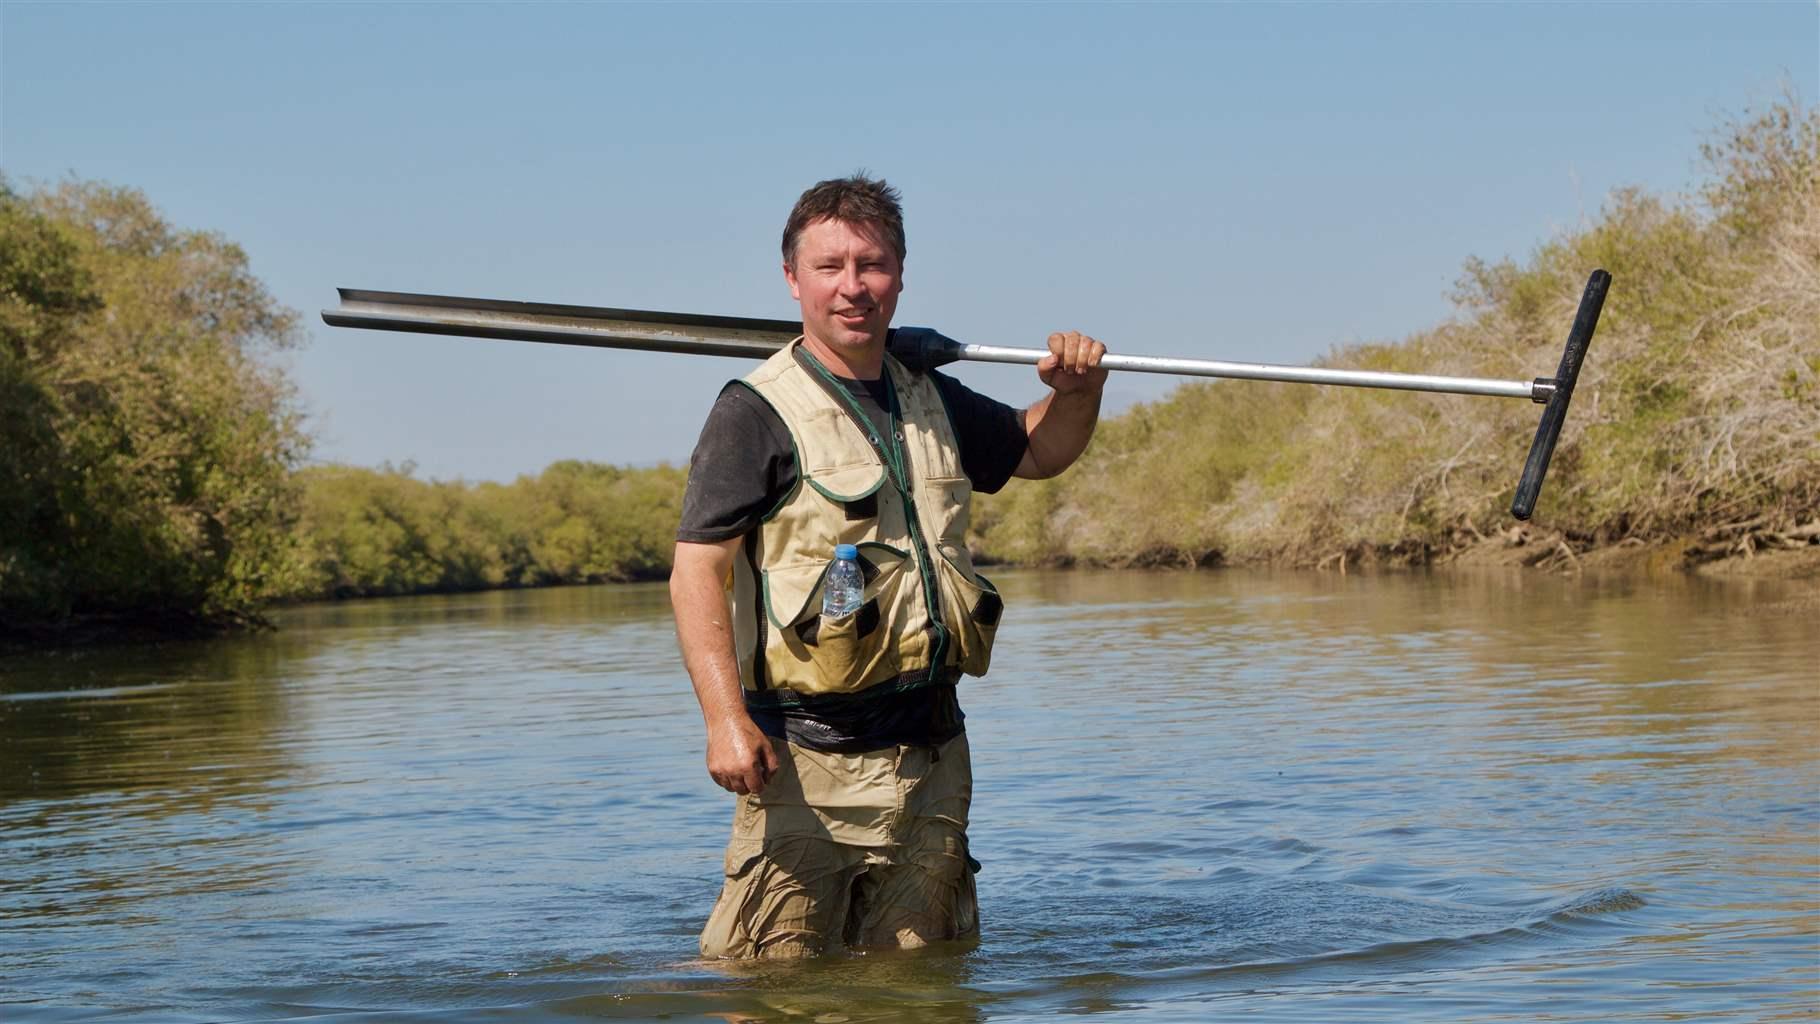 Steve Crooks holding equipment in water in Khor Kalba